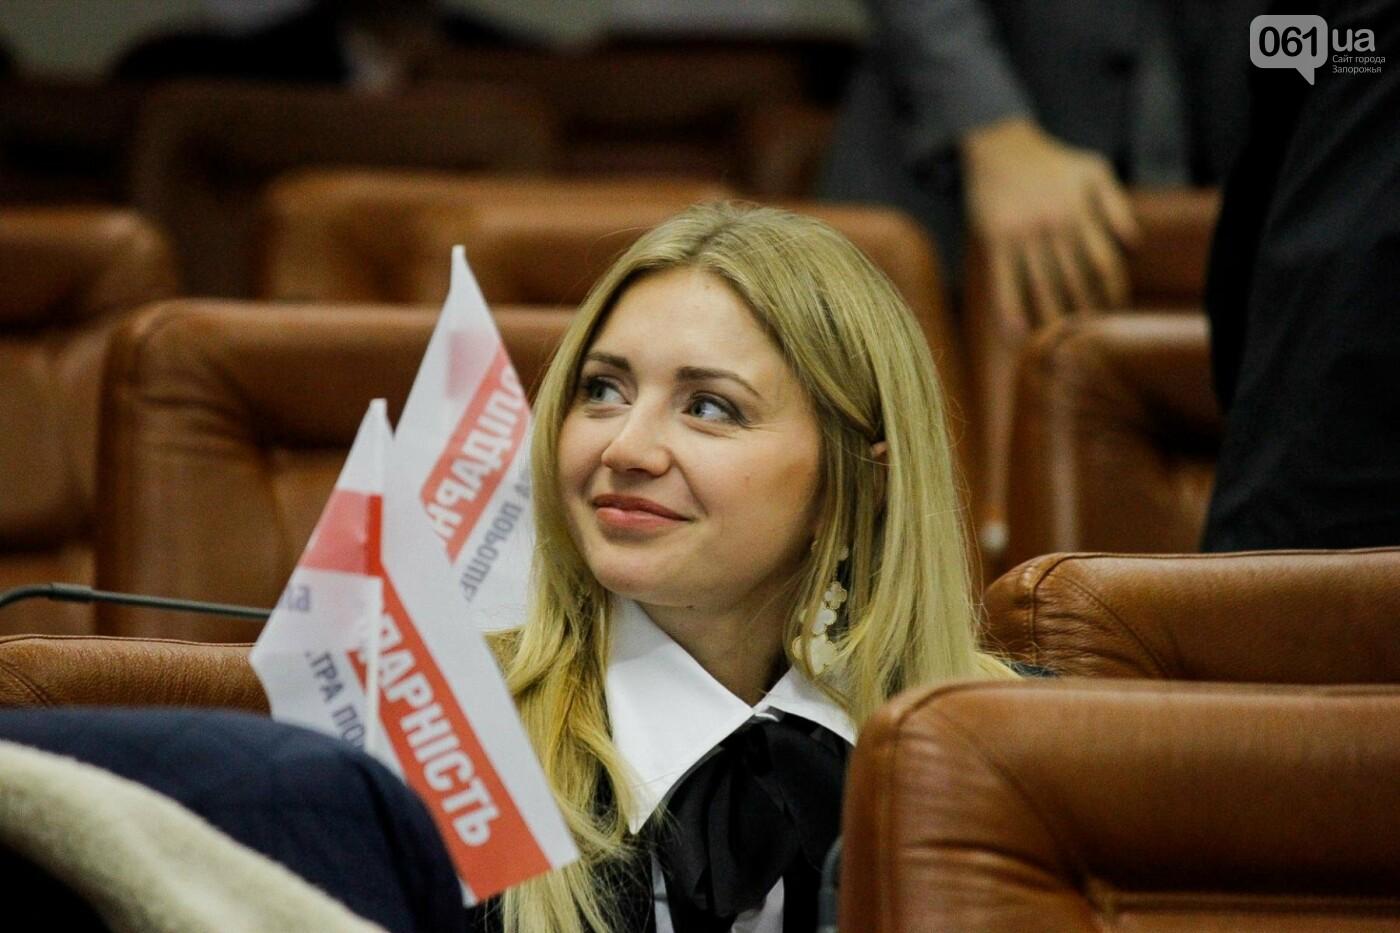 Сессия запорожского горсовета в 55 фотографиях, - ФОТОРЕПОРТАЖ, фото-30